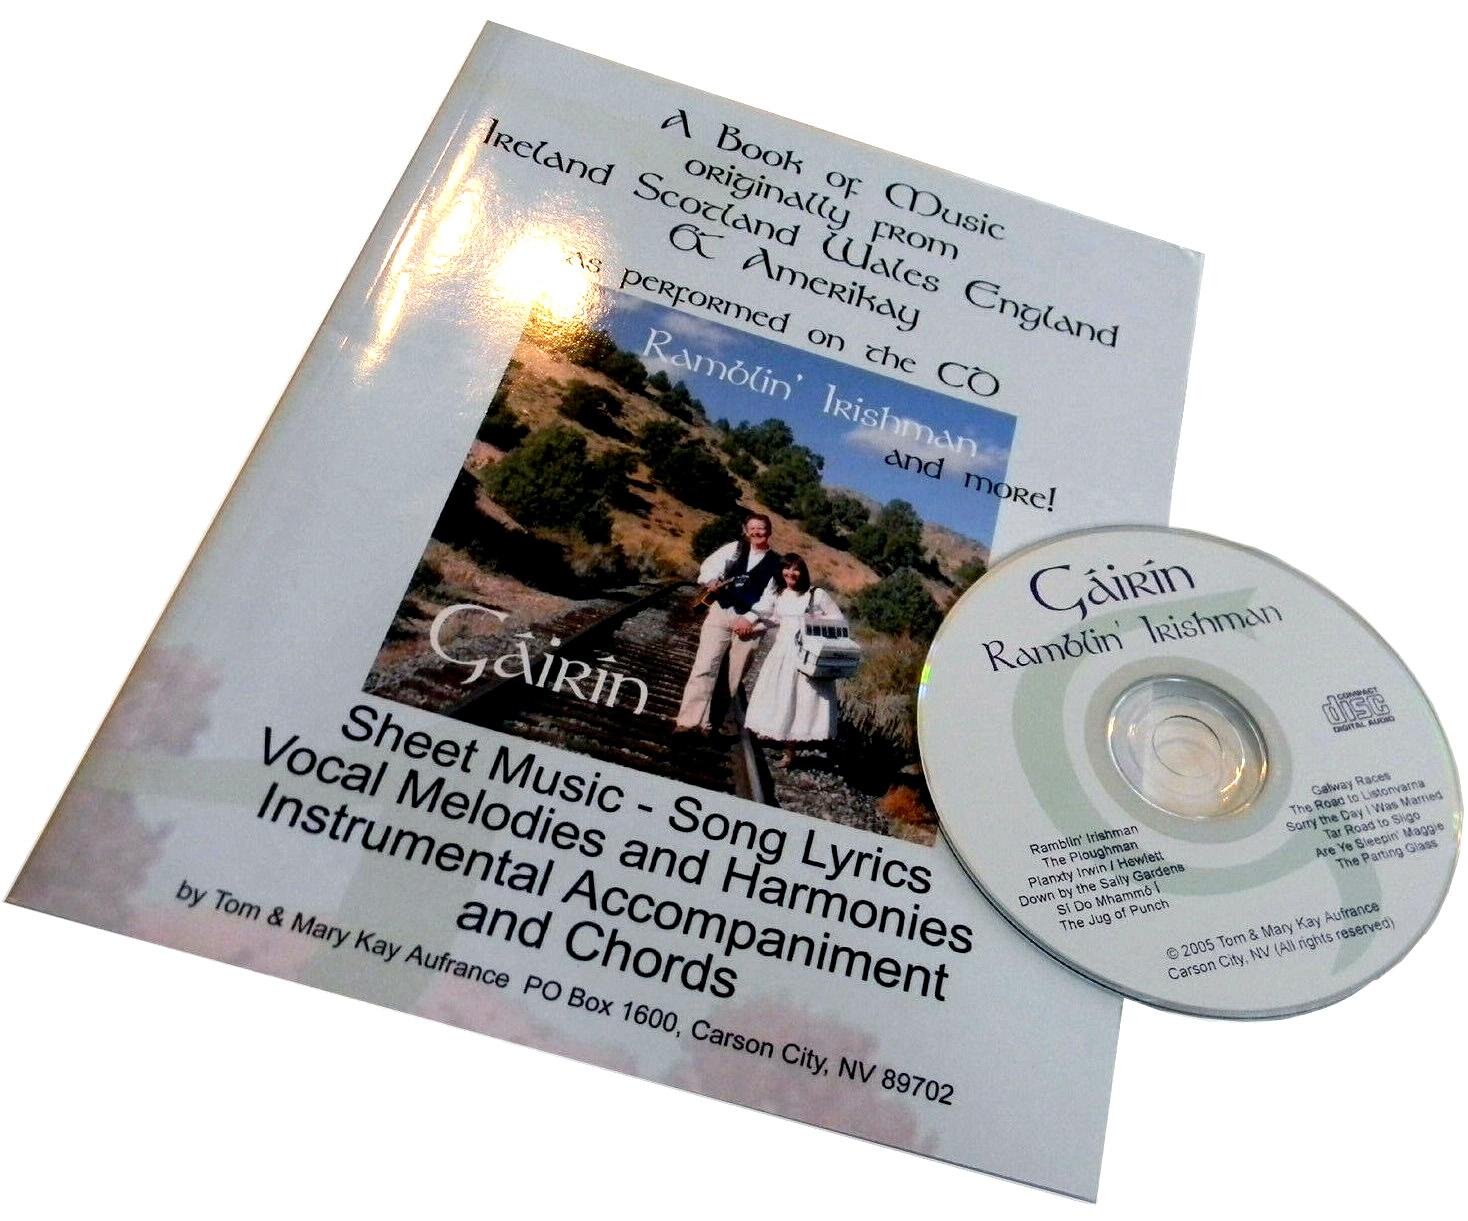 Ramblin Irishman music book and CD